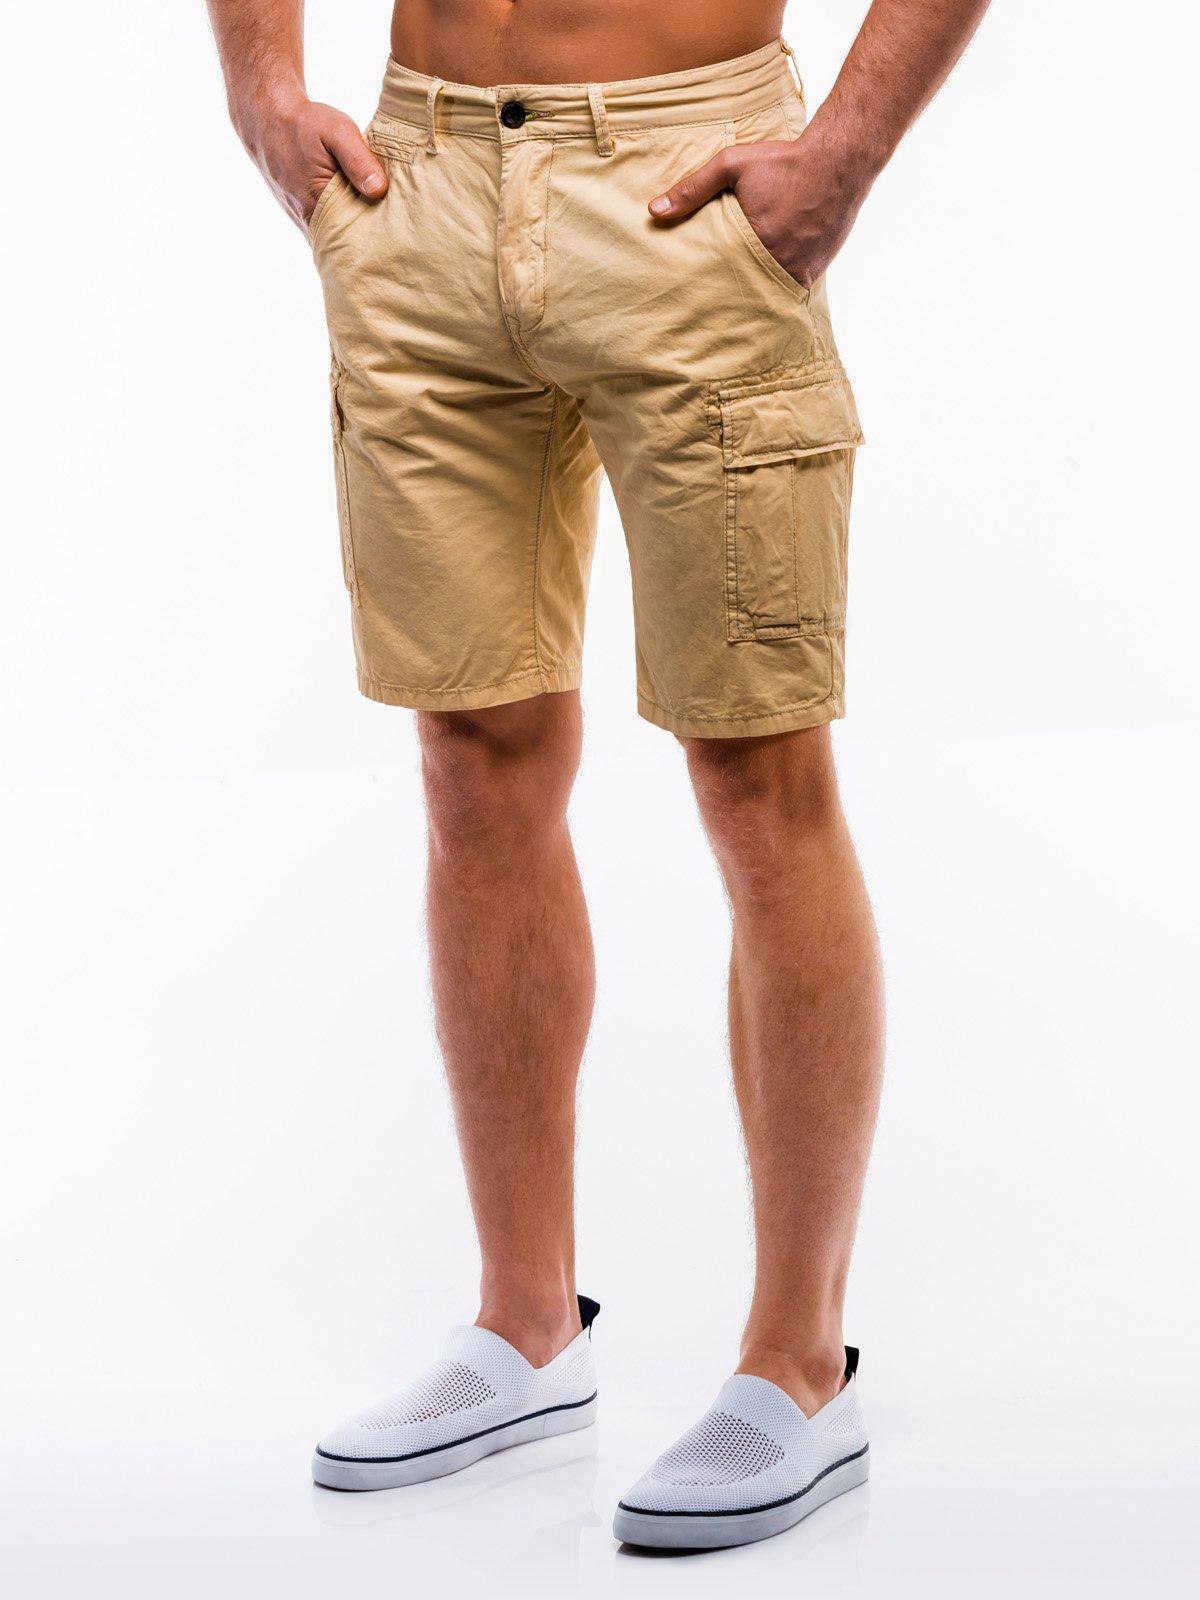 Купить Шорти чоловічі карго W209 - бежеві, Ombre Clothing